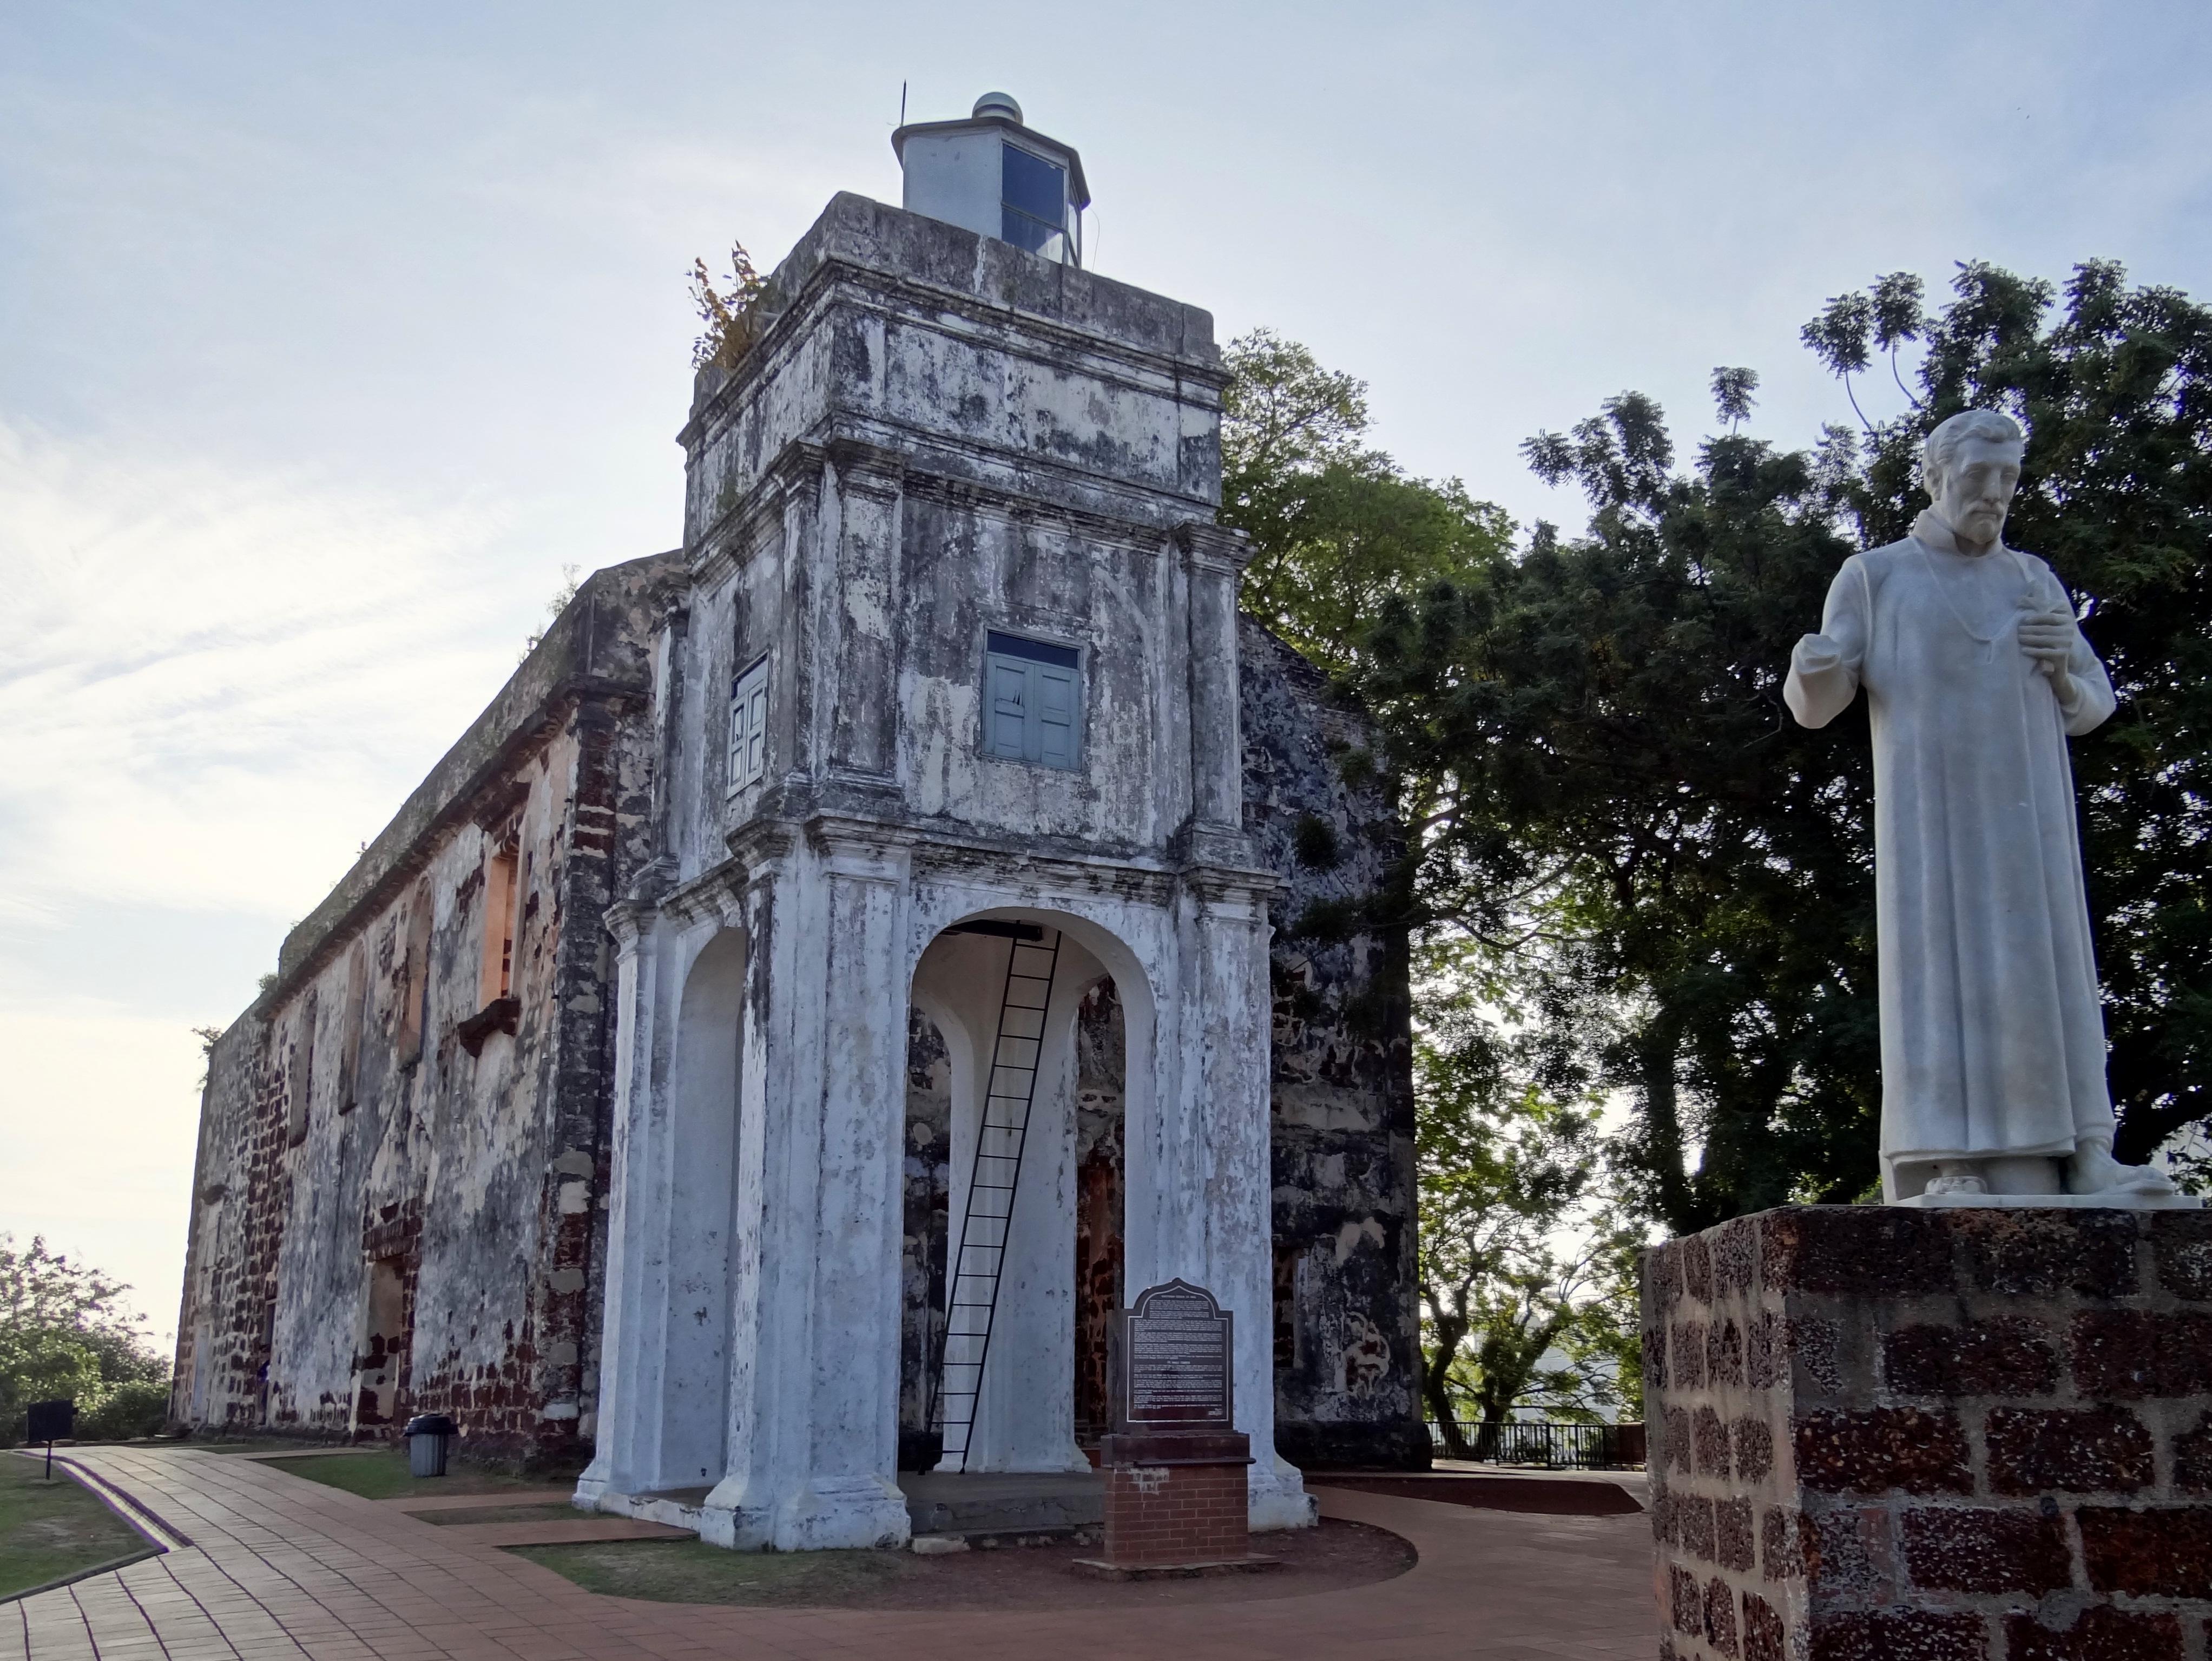 聖フランシスザビエル教会